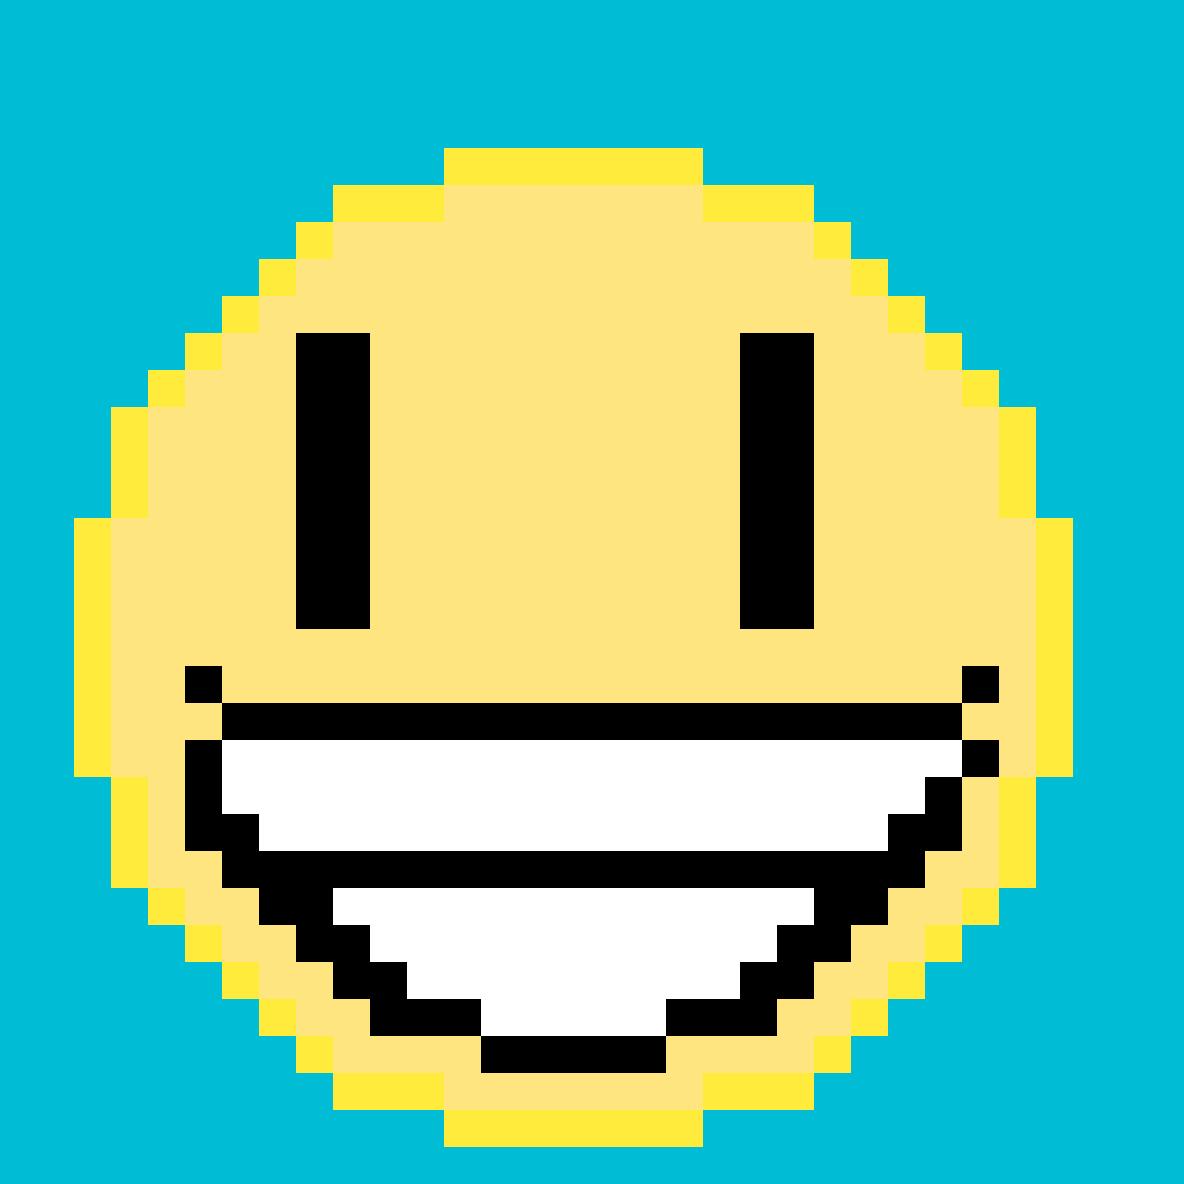 teethy smile by chasing-undine